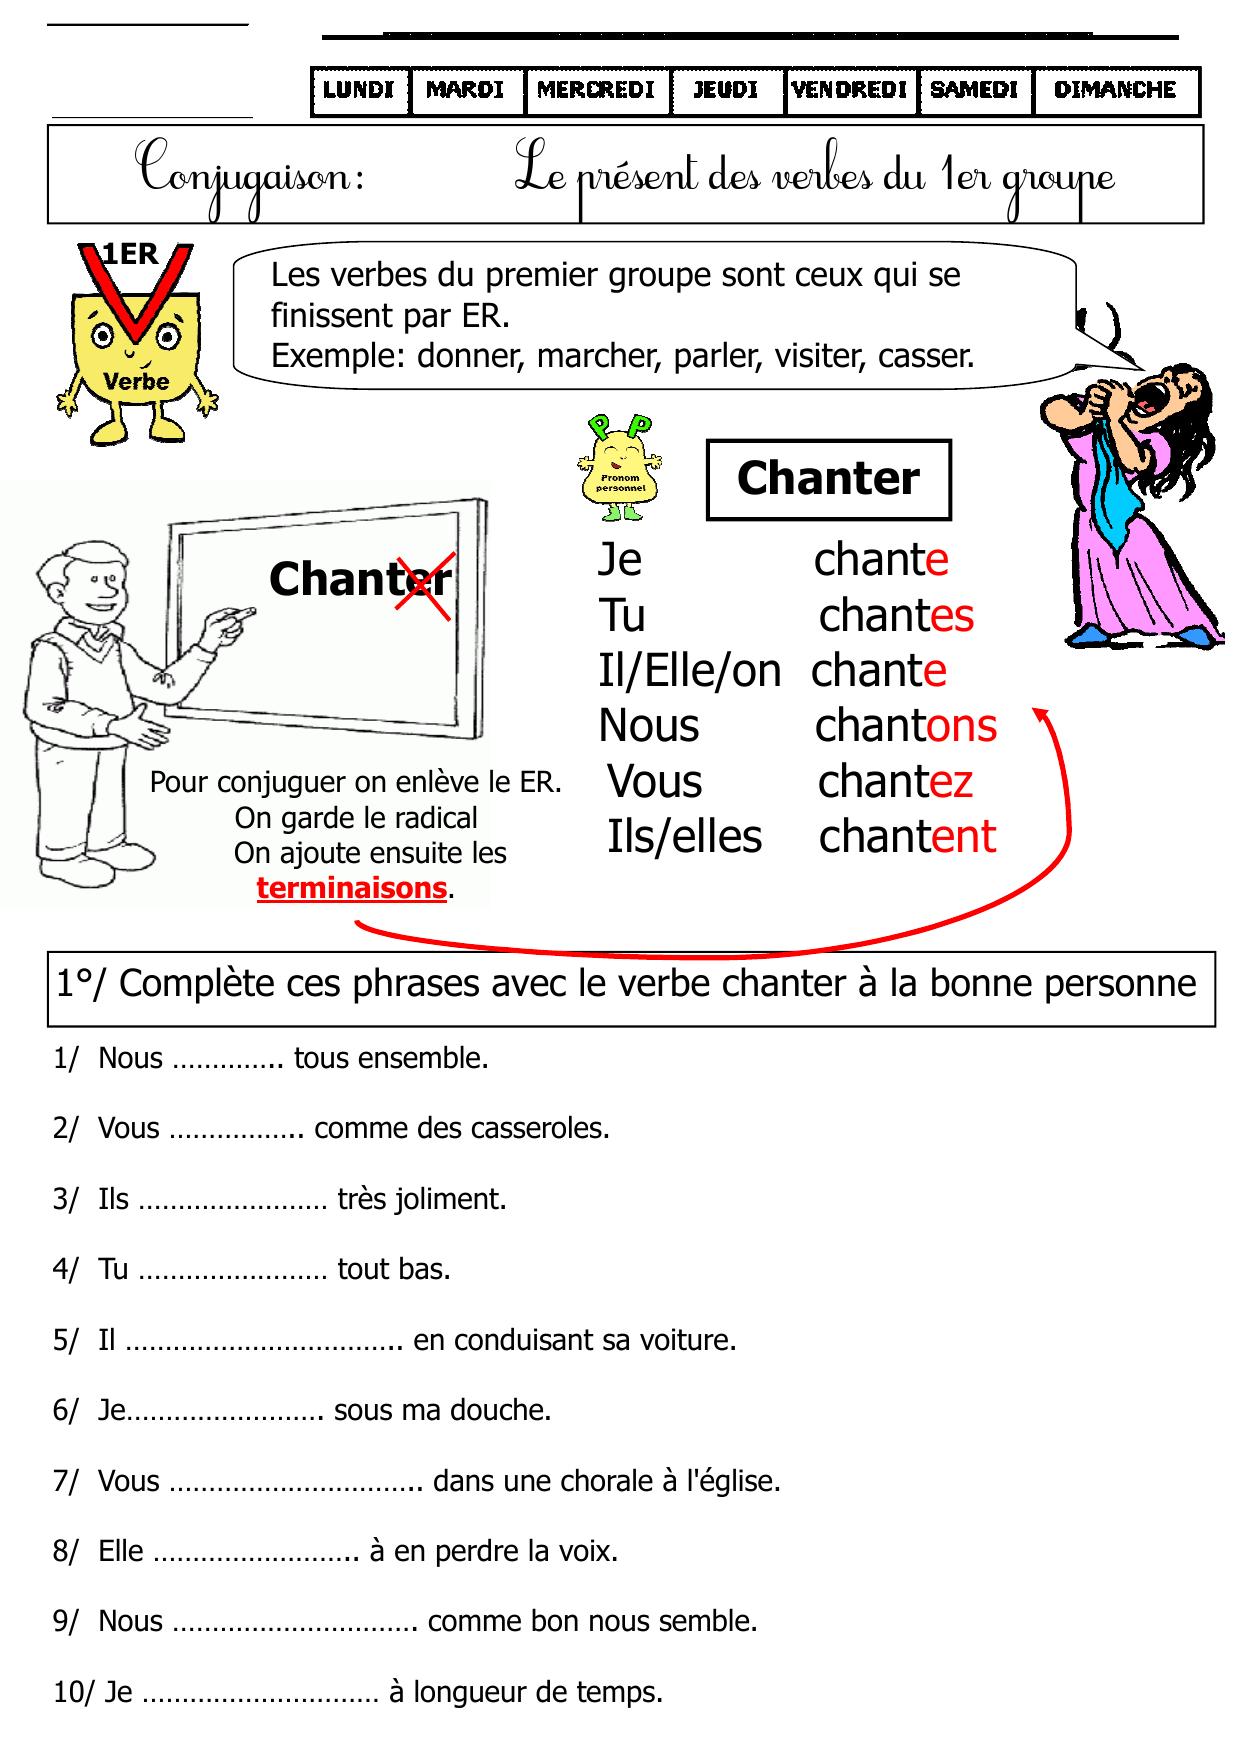 Present Verbes Du Premier Groupe Ce1 Ce2